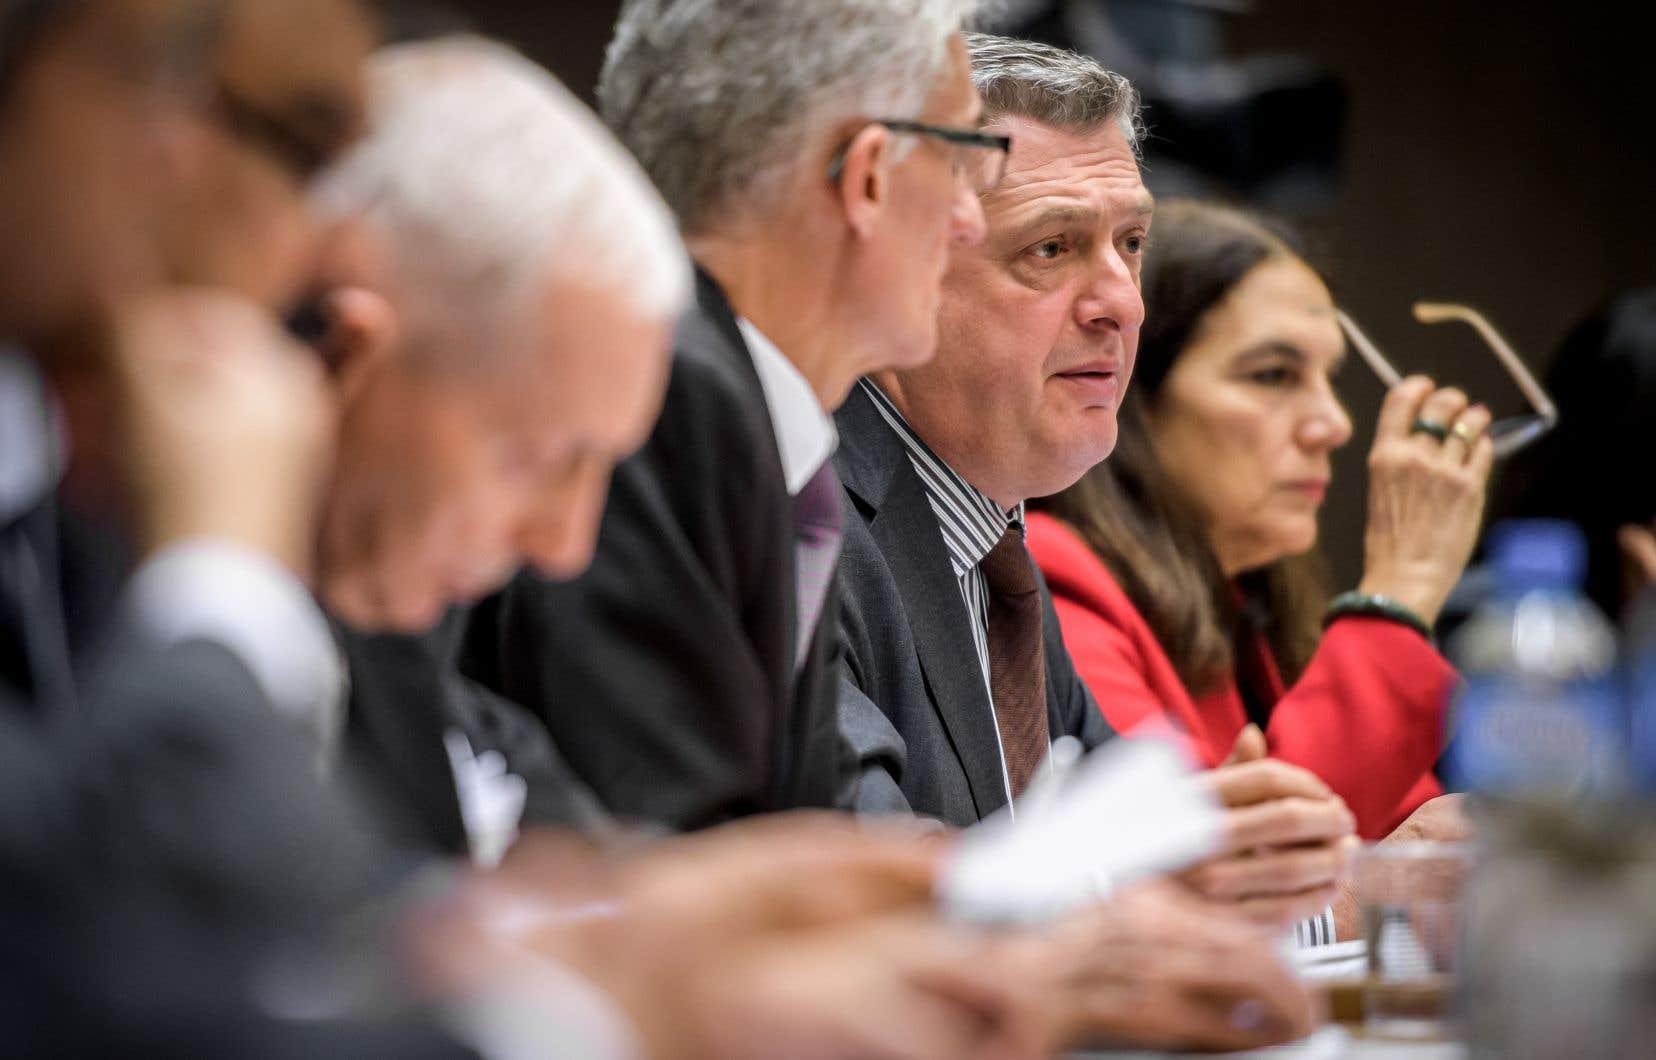 Le haut-commissaire des Nations unies pour les réfugiés, Filippo Grandi